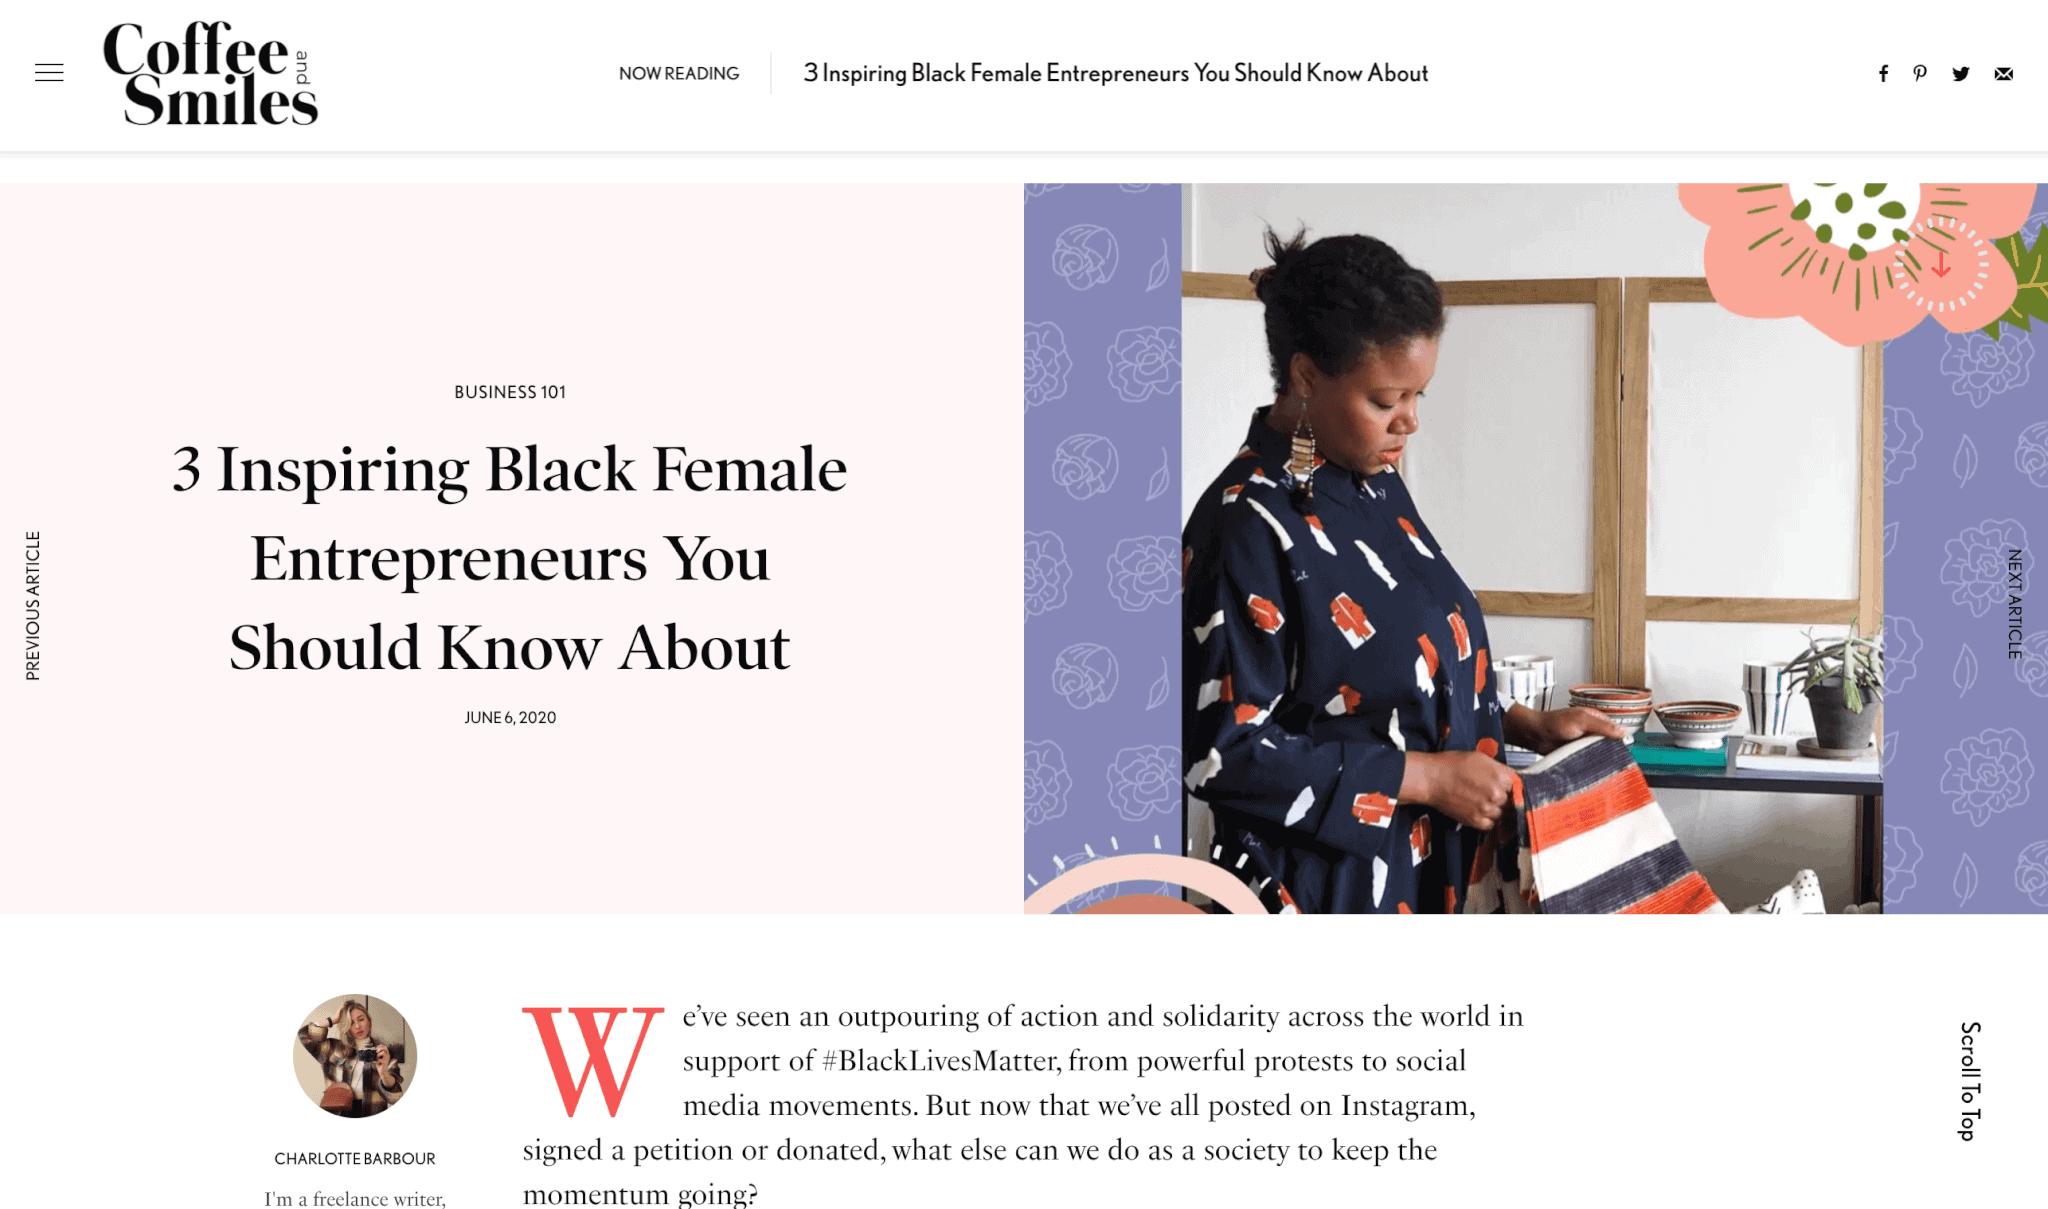 3 inspiring black entrepreneurs